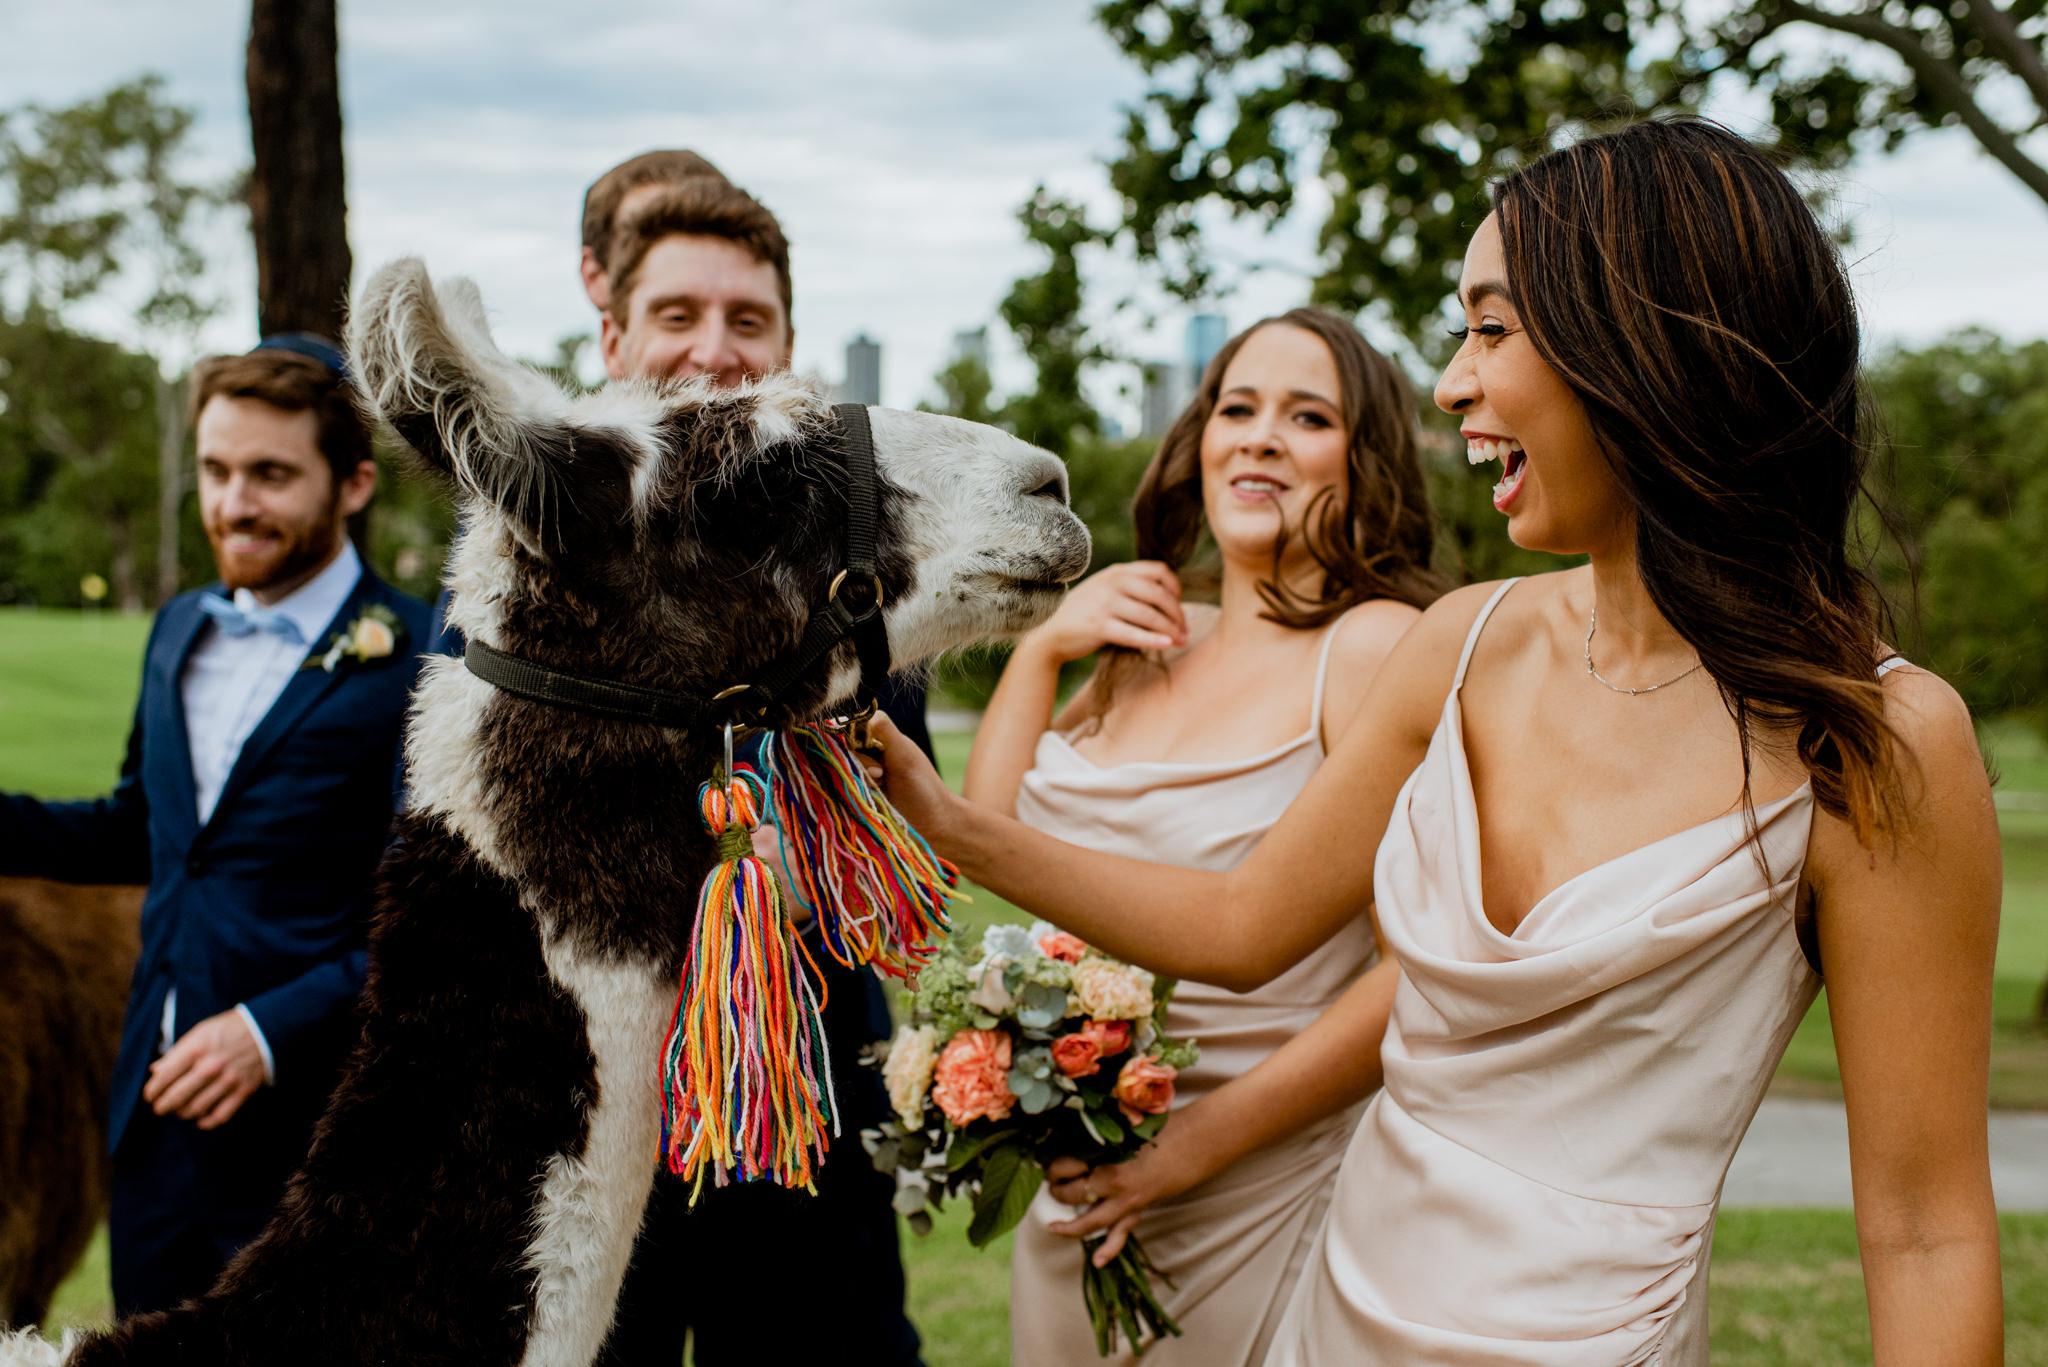 Bridesmaid laughs as she pats llama